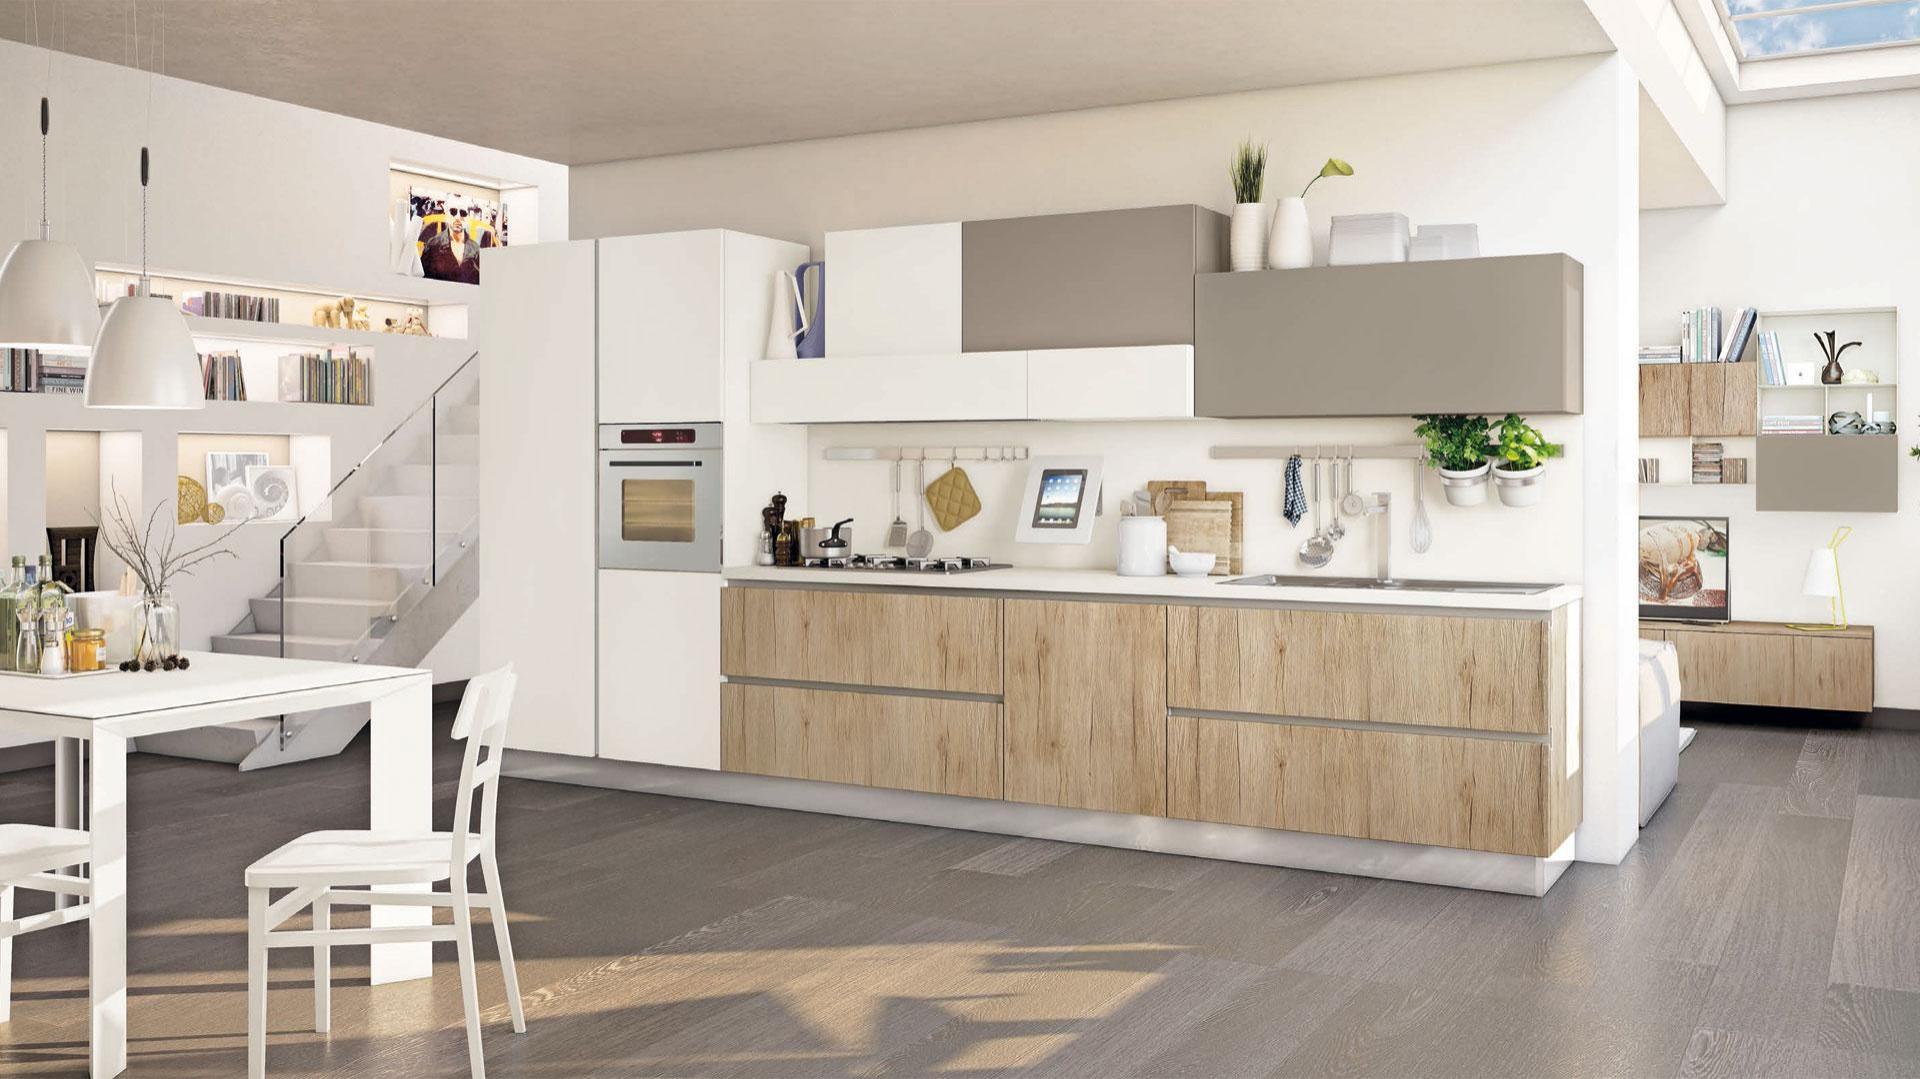 Modna kuchnia - ponadczasowe połączenie bieli z drewnem